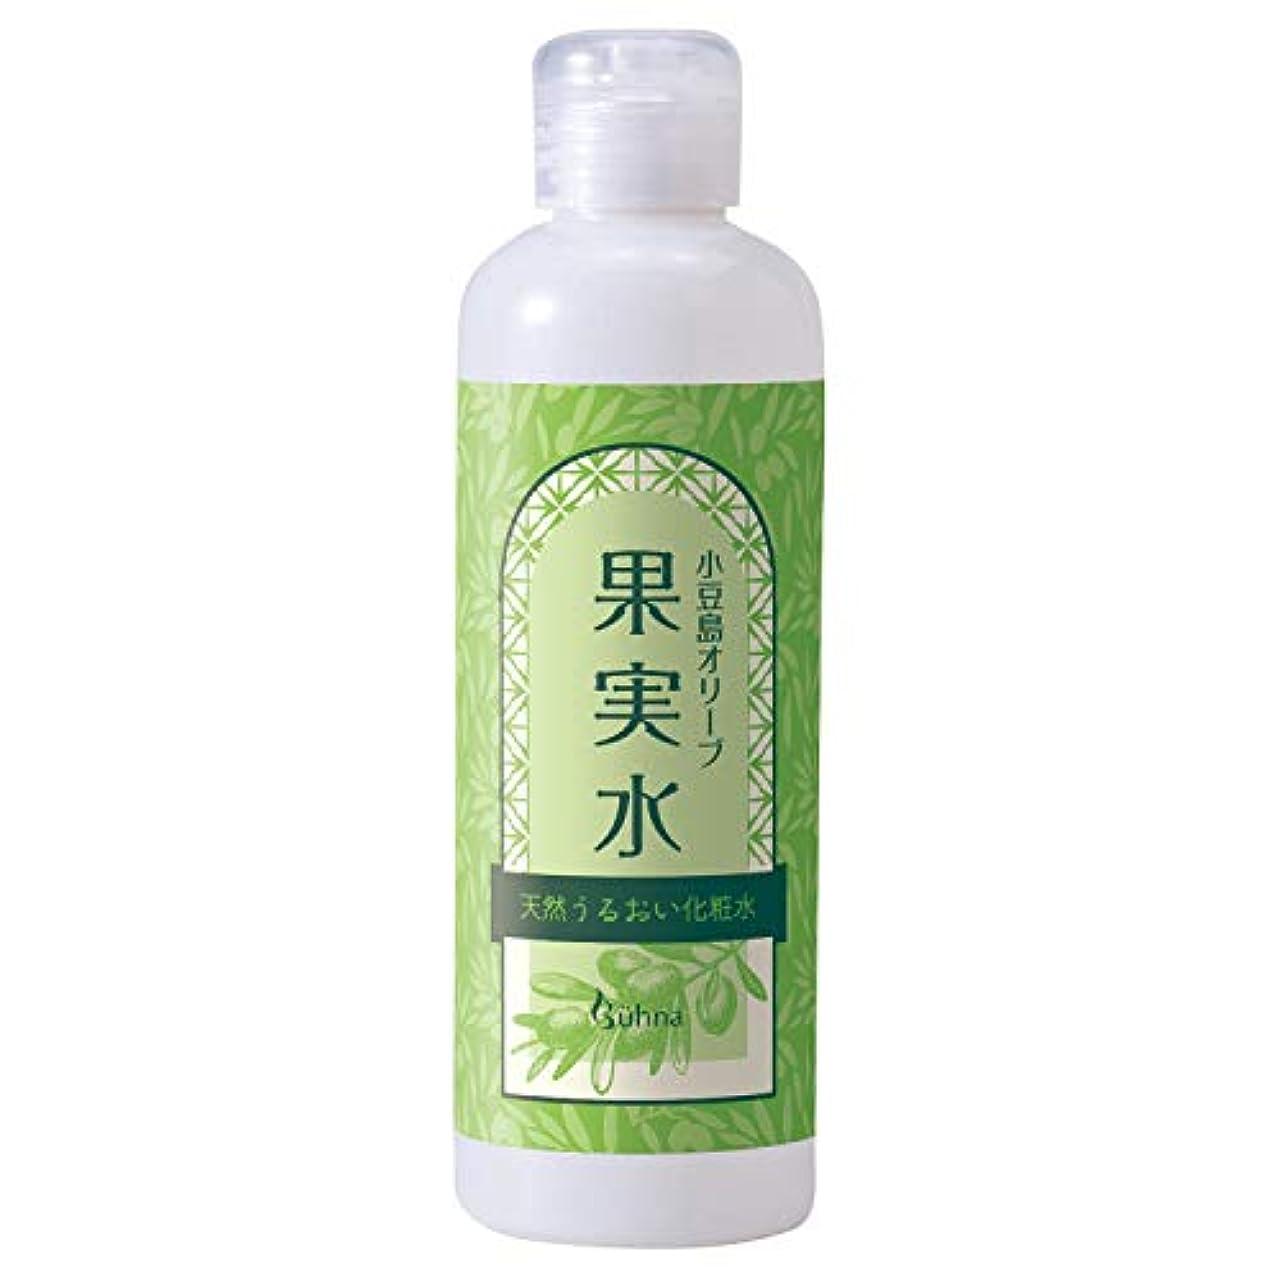 疾患飼料水星ビューナ 小豆島オリーブ果実水 化粧水 保湿 オリーブオイル 無着色 アルコールフリー パラベンフリー 合成香料不使用